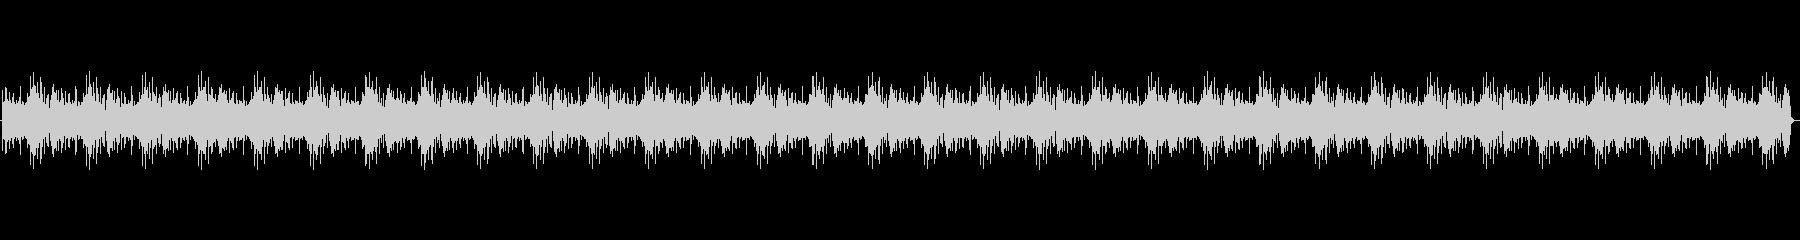 エレピの旋律が印象的なバラード 008の未再生の波形